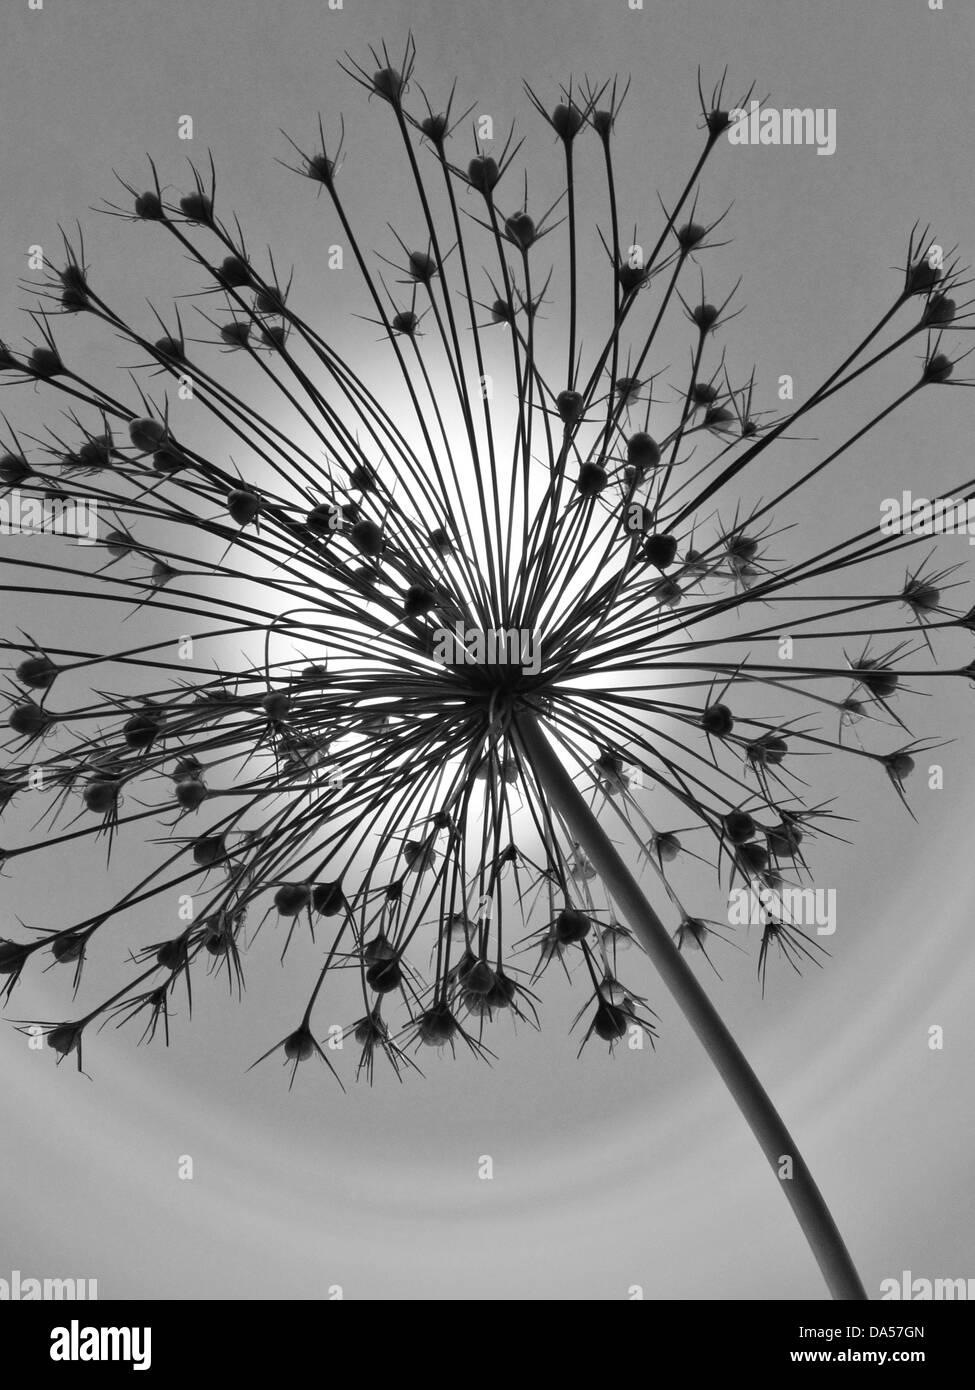 Blume, verwelkt, Allium, Konzept, Stern, Konzepte, Sterne, Licht, grau Stockbild